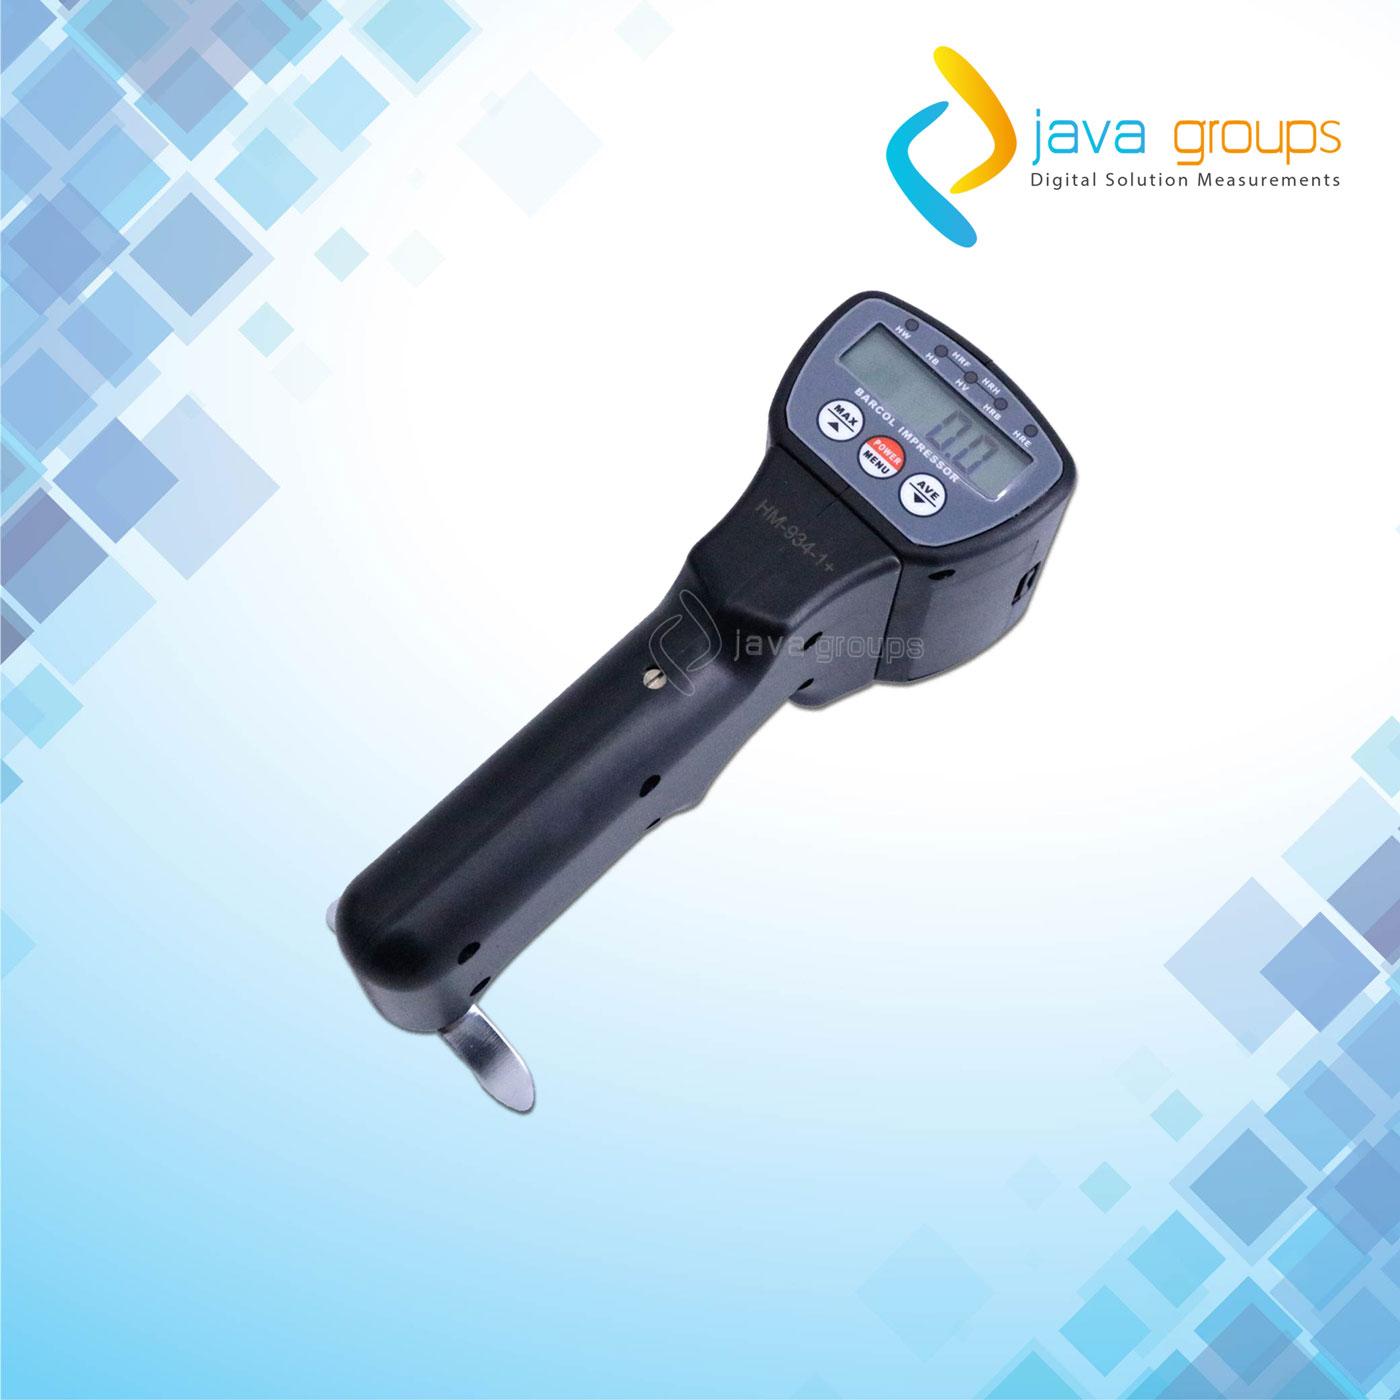 Alat Uji Kekerasan Aluminium Digital Barcol Impressor Seri HM-934-1+